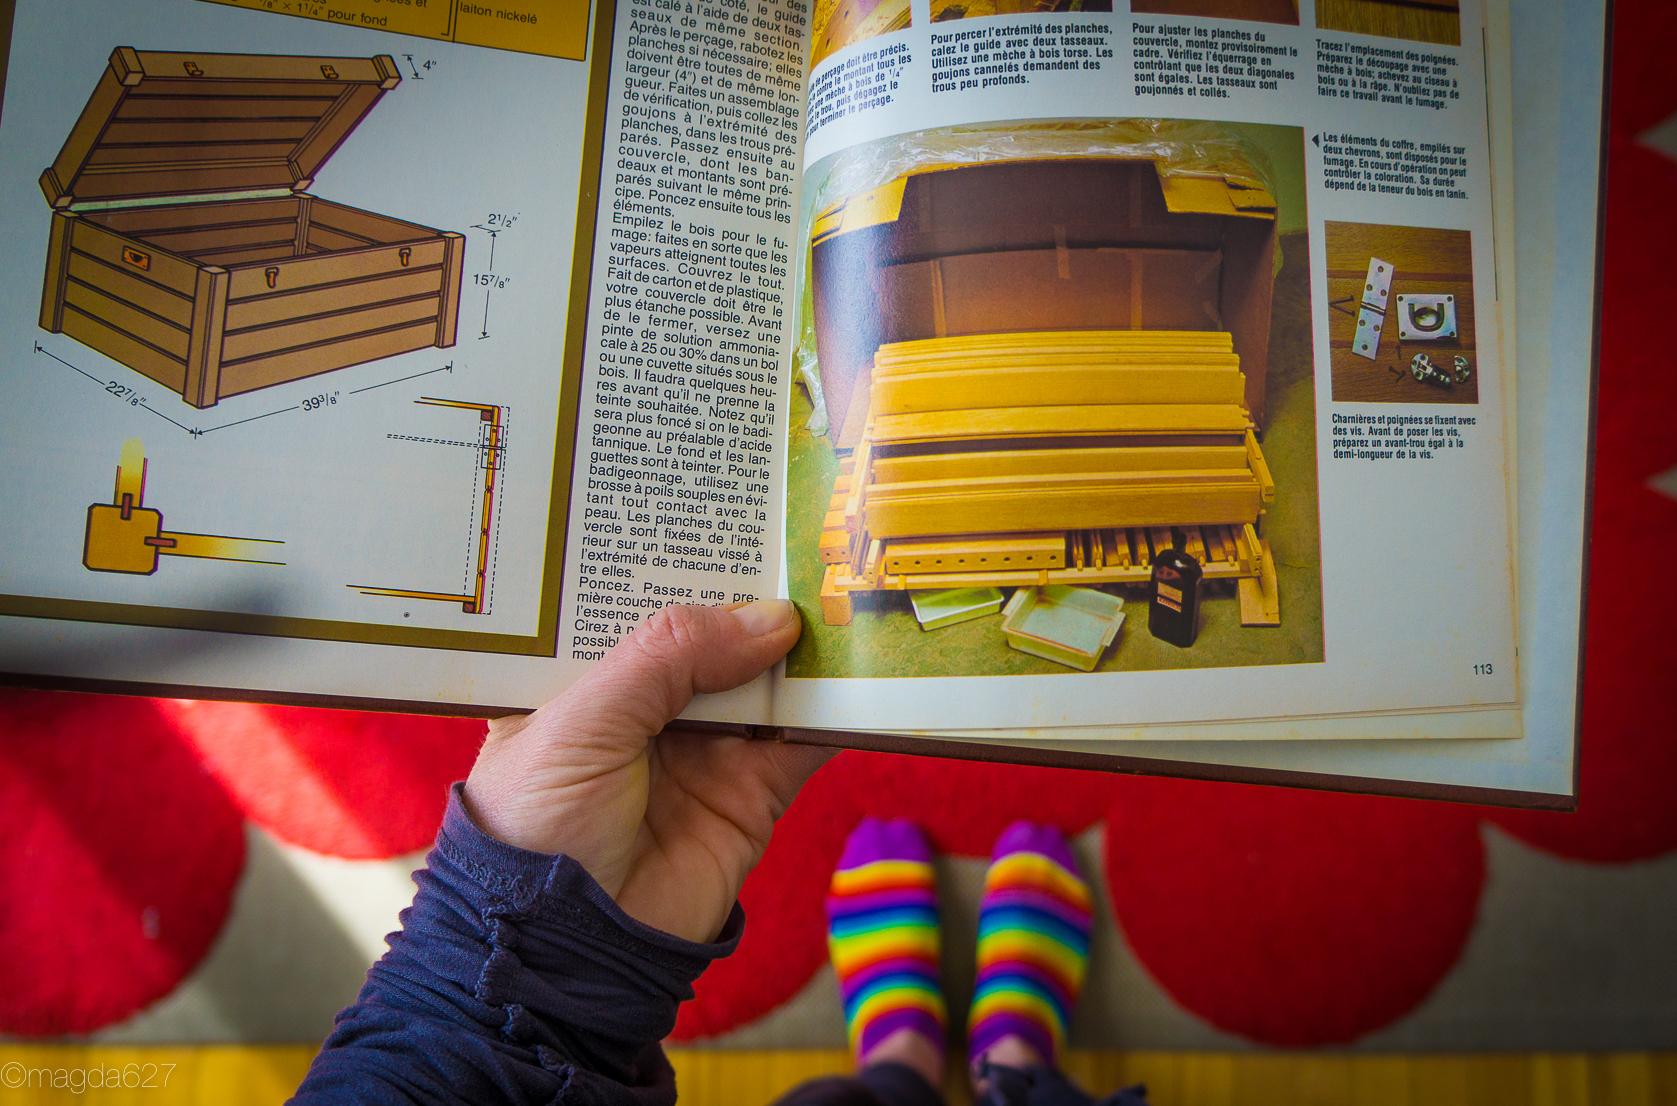 anteketborka.com, books-4